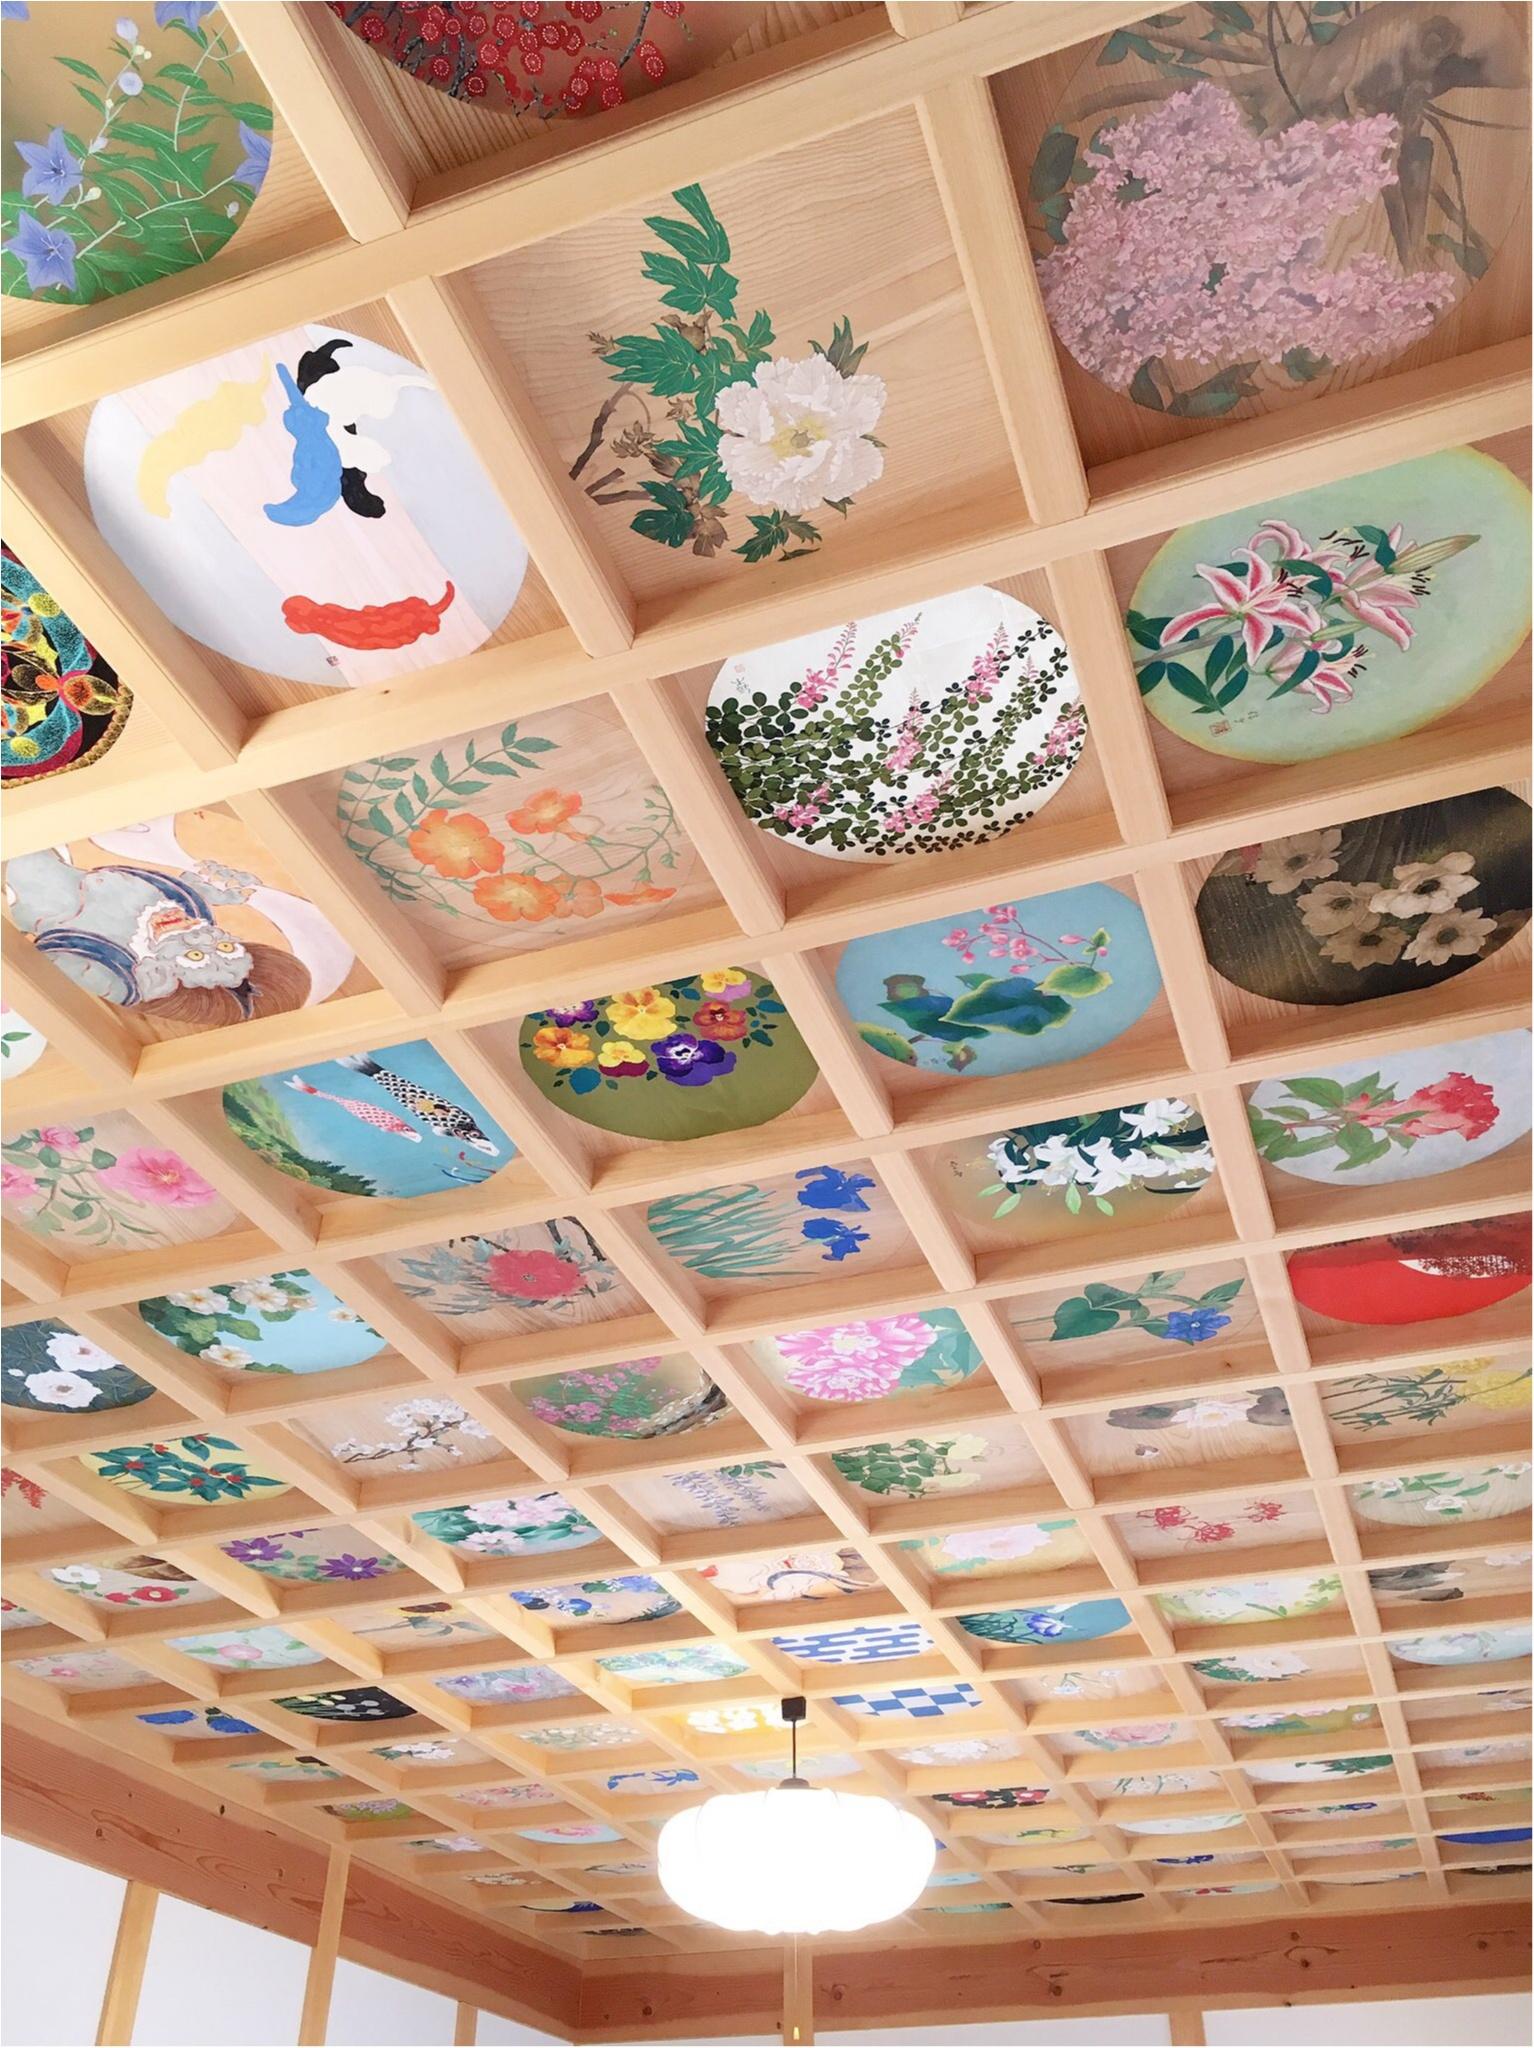 【フォトジェニックすぎる寺院】京都『正寿院』の魅力を紹介しちゃいます♡_5